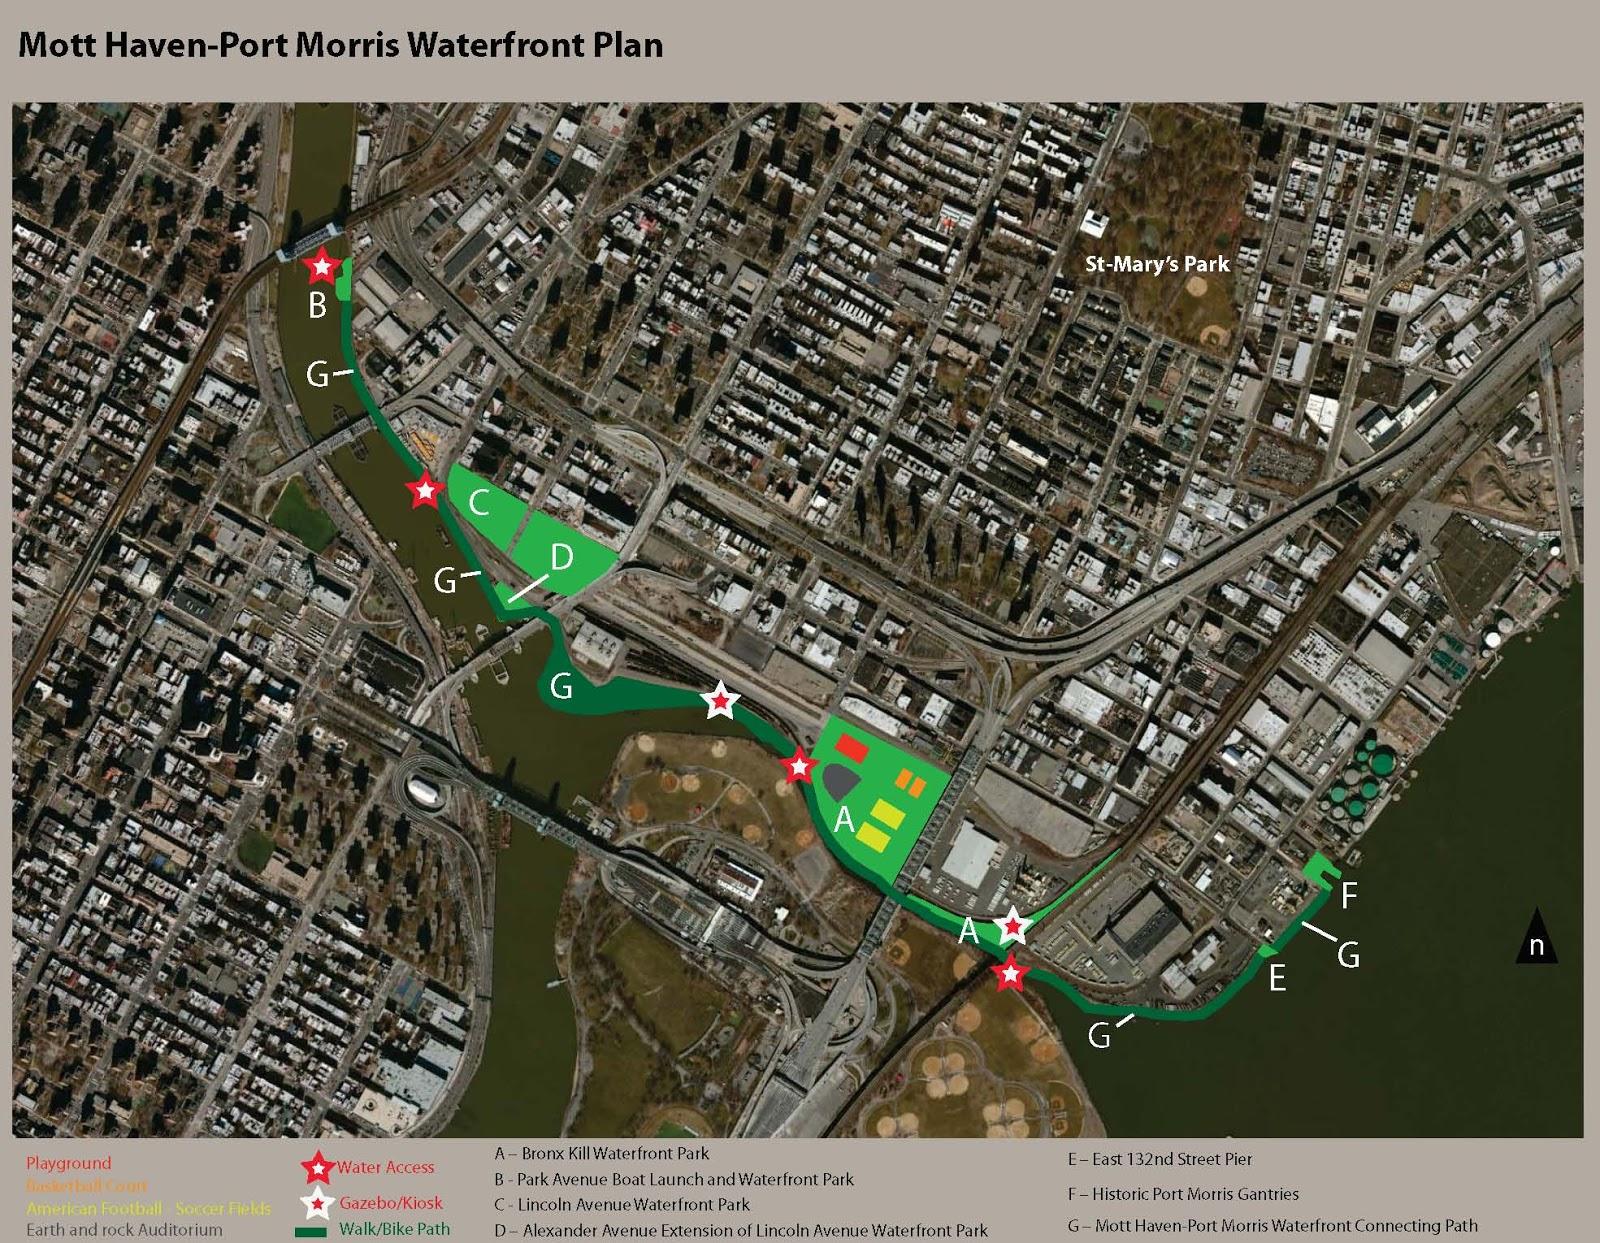 Pleasant The Mott Haven Port Morris Waterfront Plan South Bronx Unite Largest Home Design Picture Inspirations Pitcheantrous